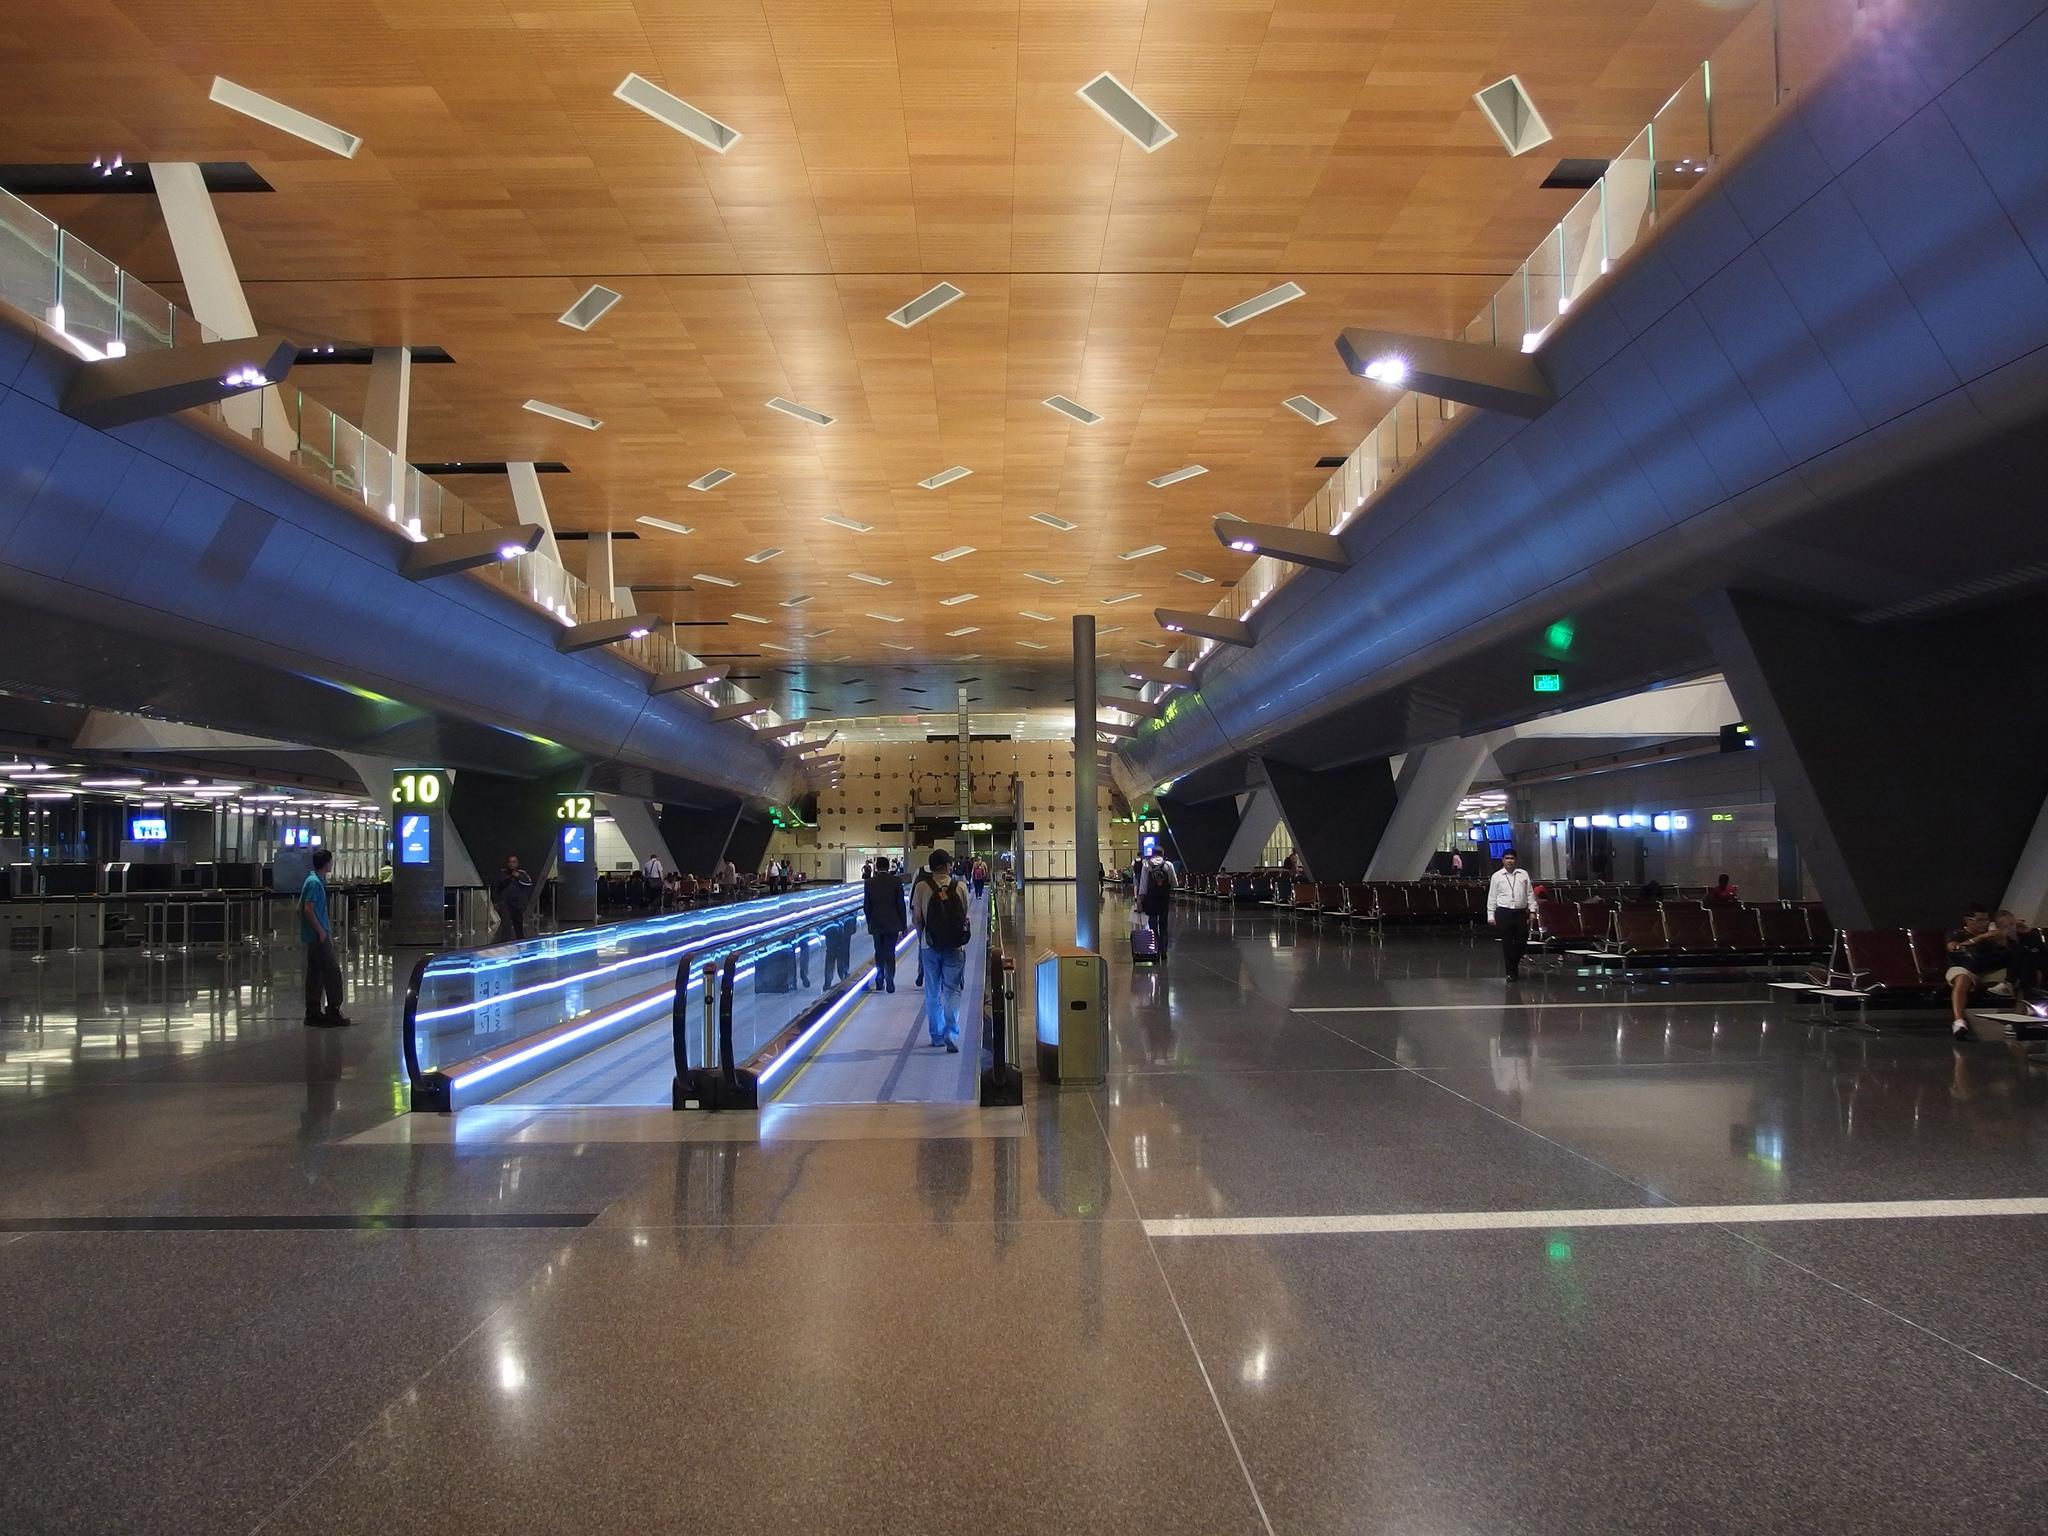 صورة مطار الدوحة الدولي الجديد , احلى واجمل صور للمطار الدولي